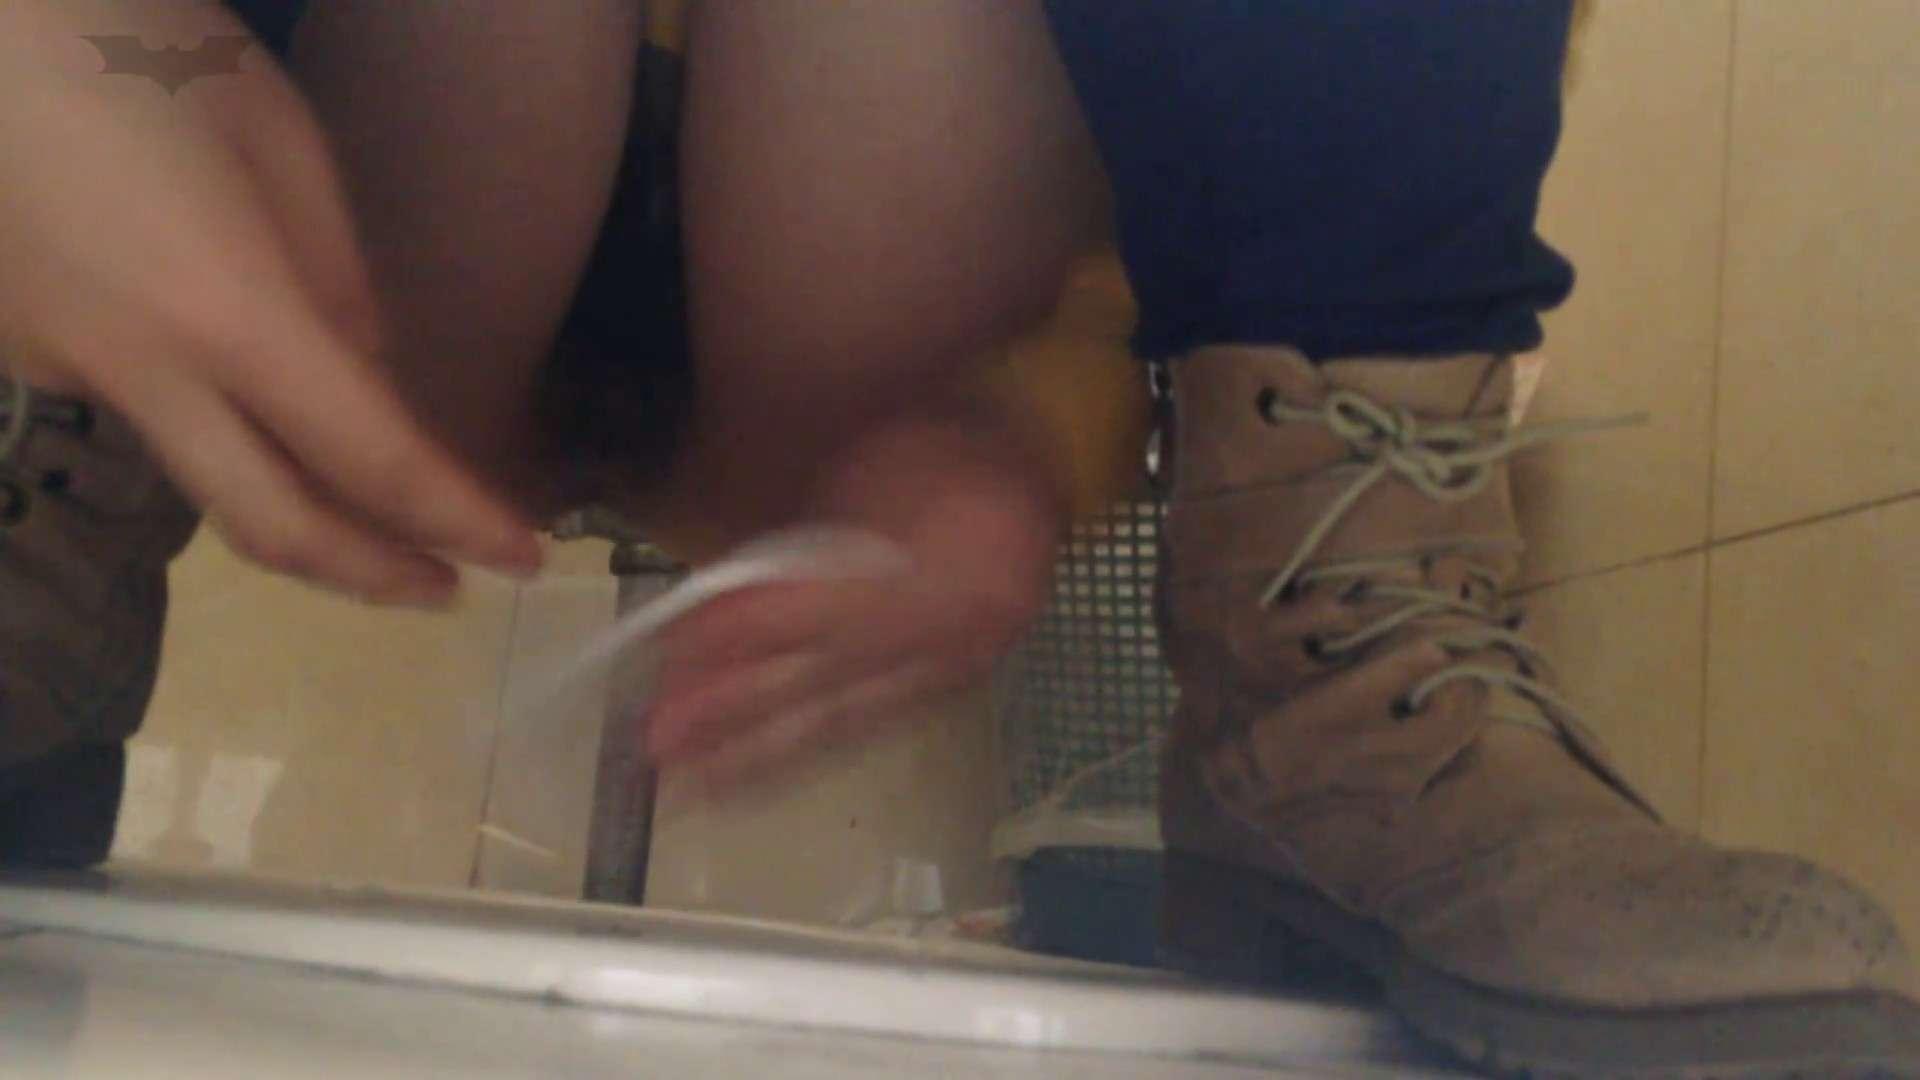 JD盗撮 美女の洗面所の秘密 Vol.17 細身女性 すけべAV動画紹介 79画像 15